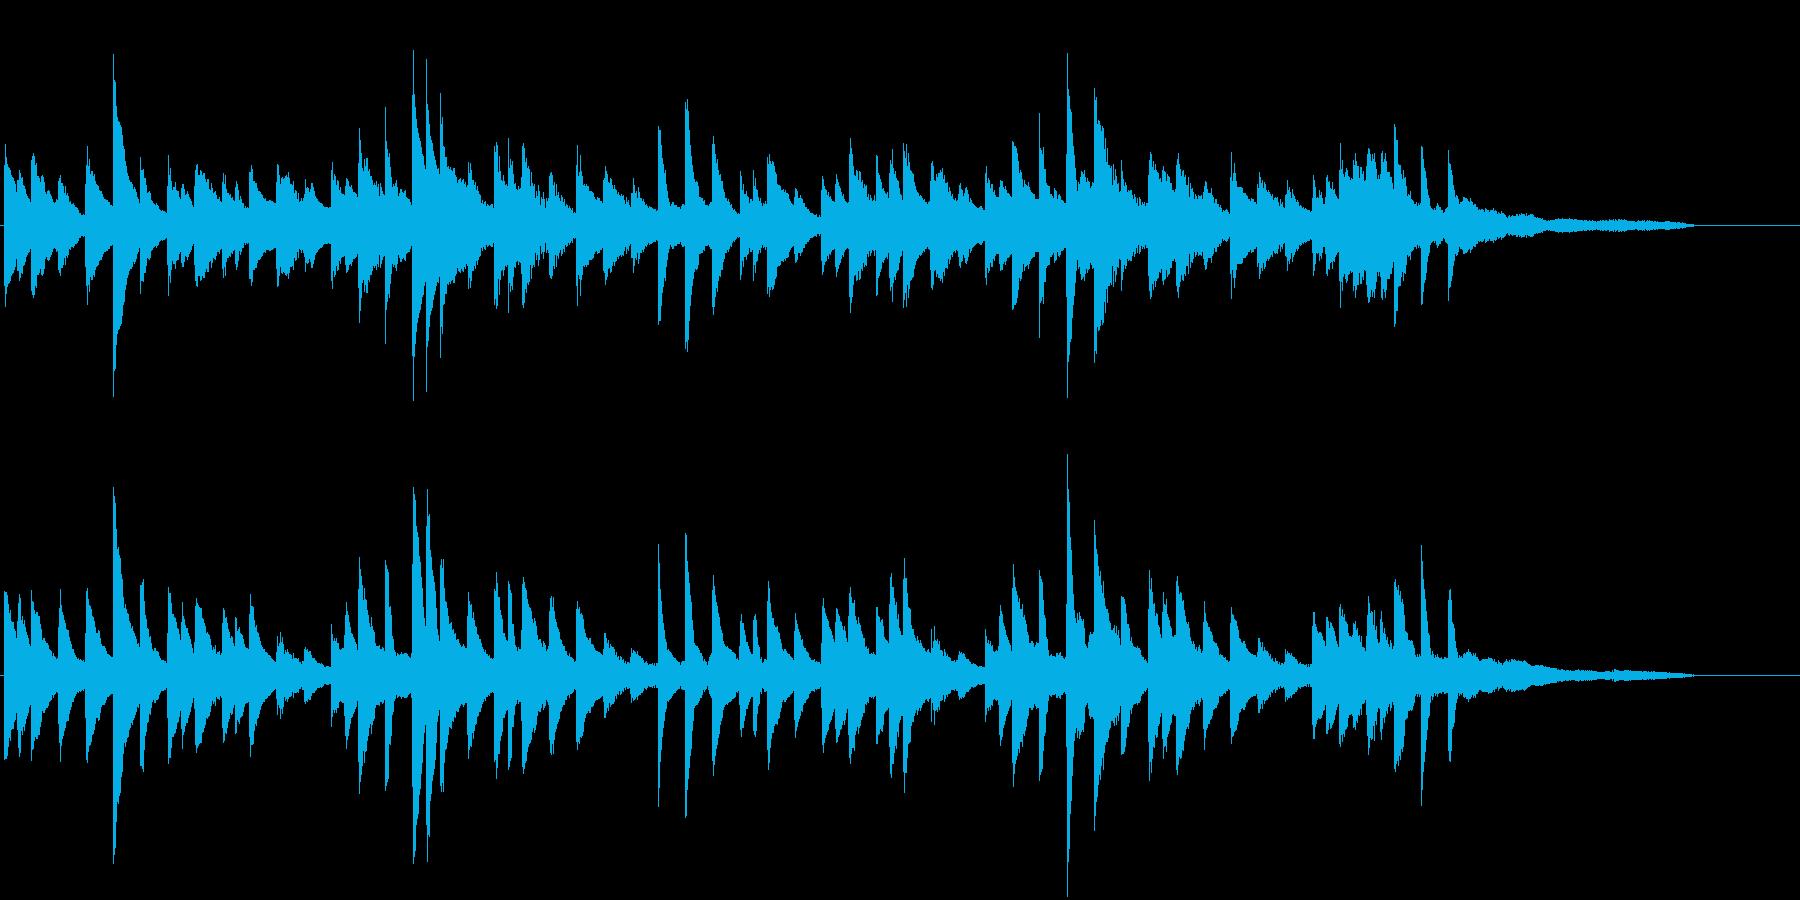 懐古的に♪童謡・こいのぼりピアノジングルの再生済みの波形